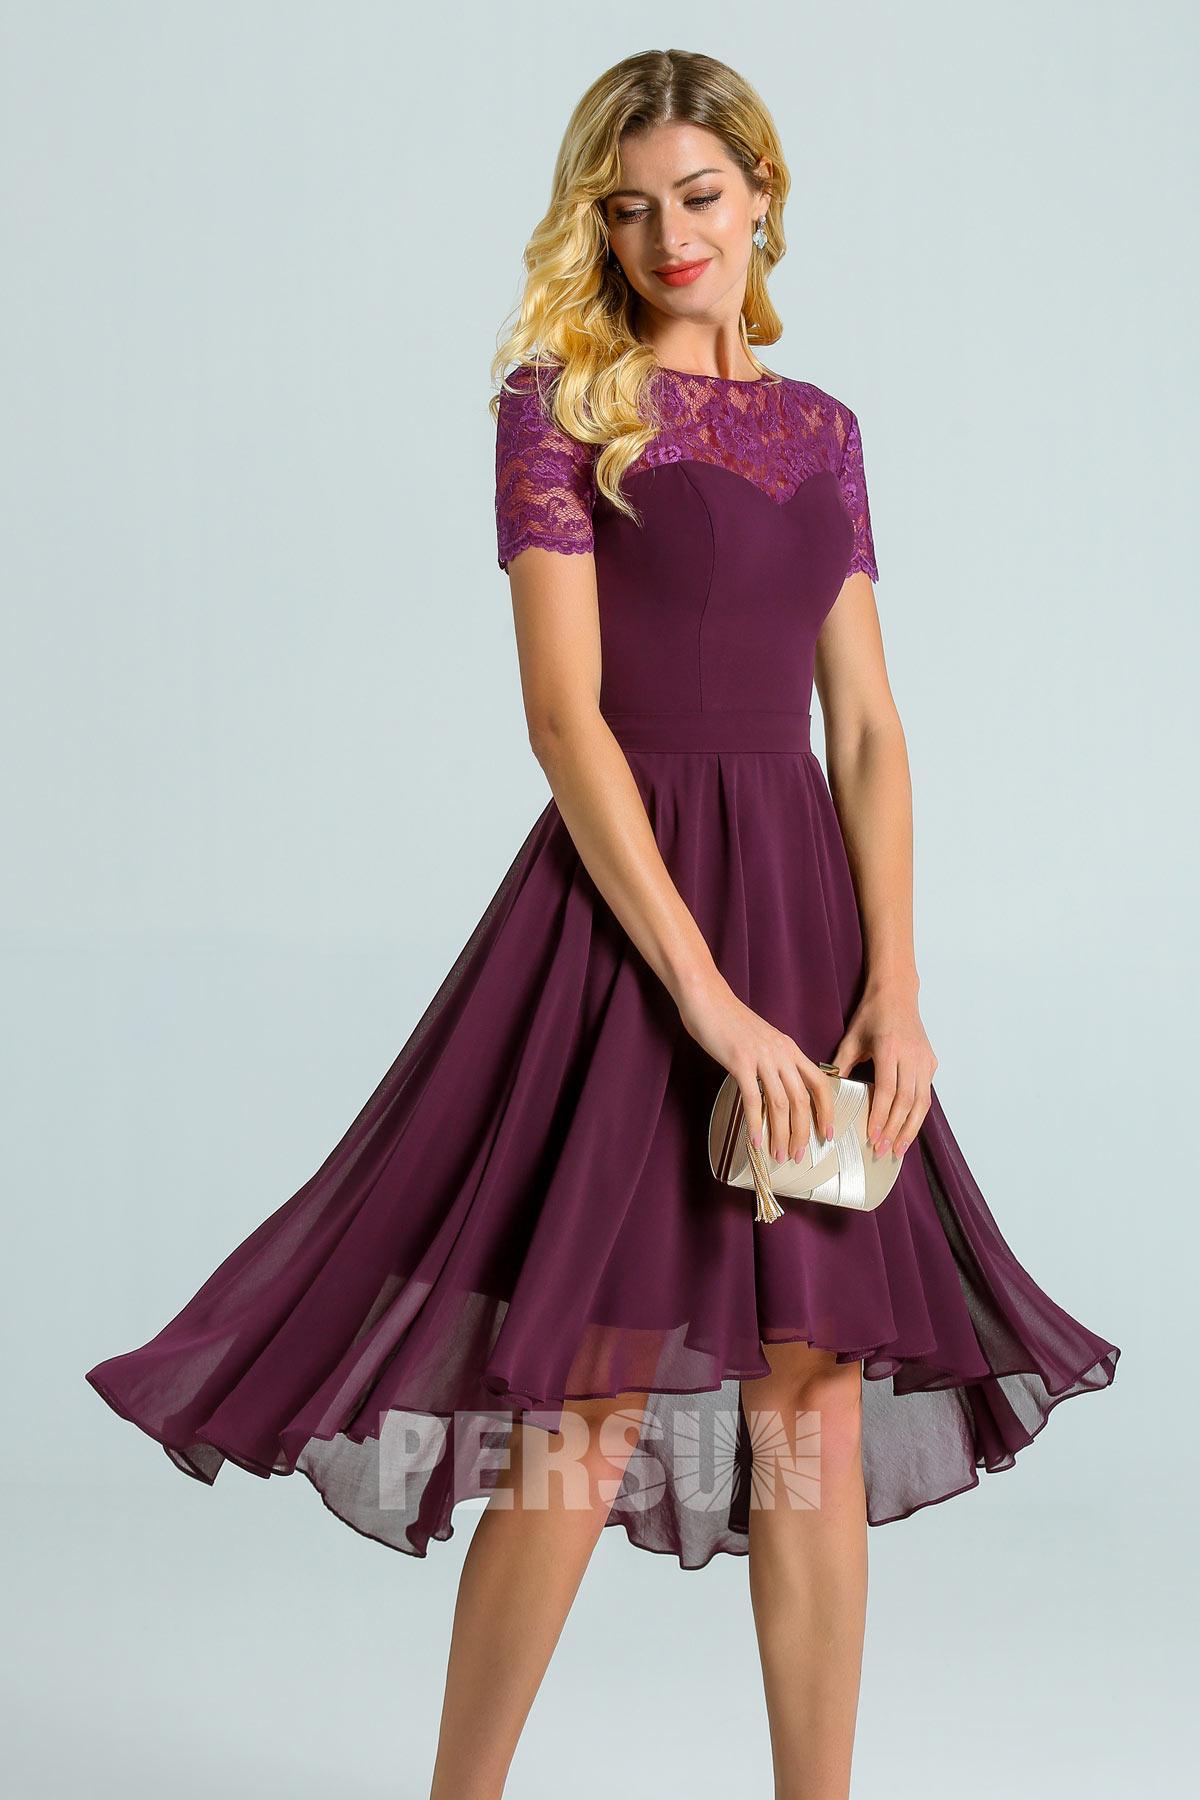 robe cocktail prune encolure festonnée avec manches courtes